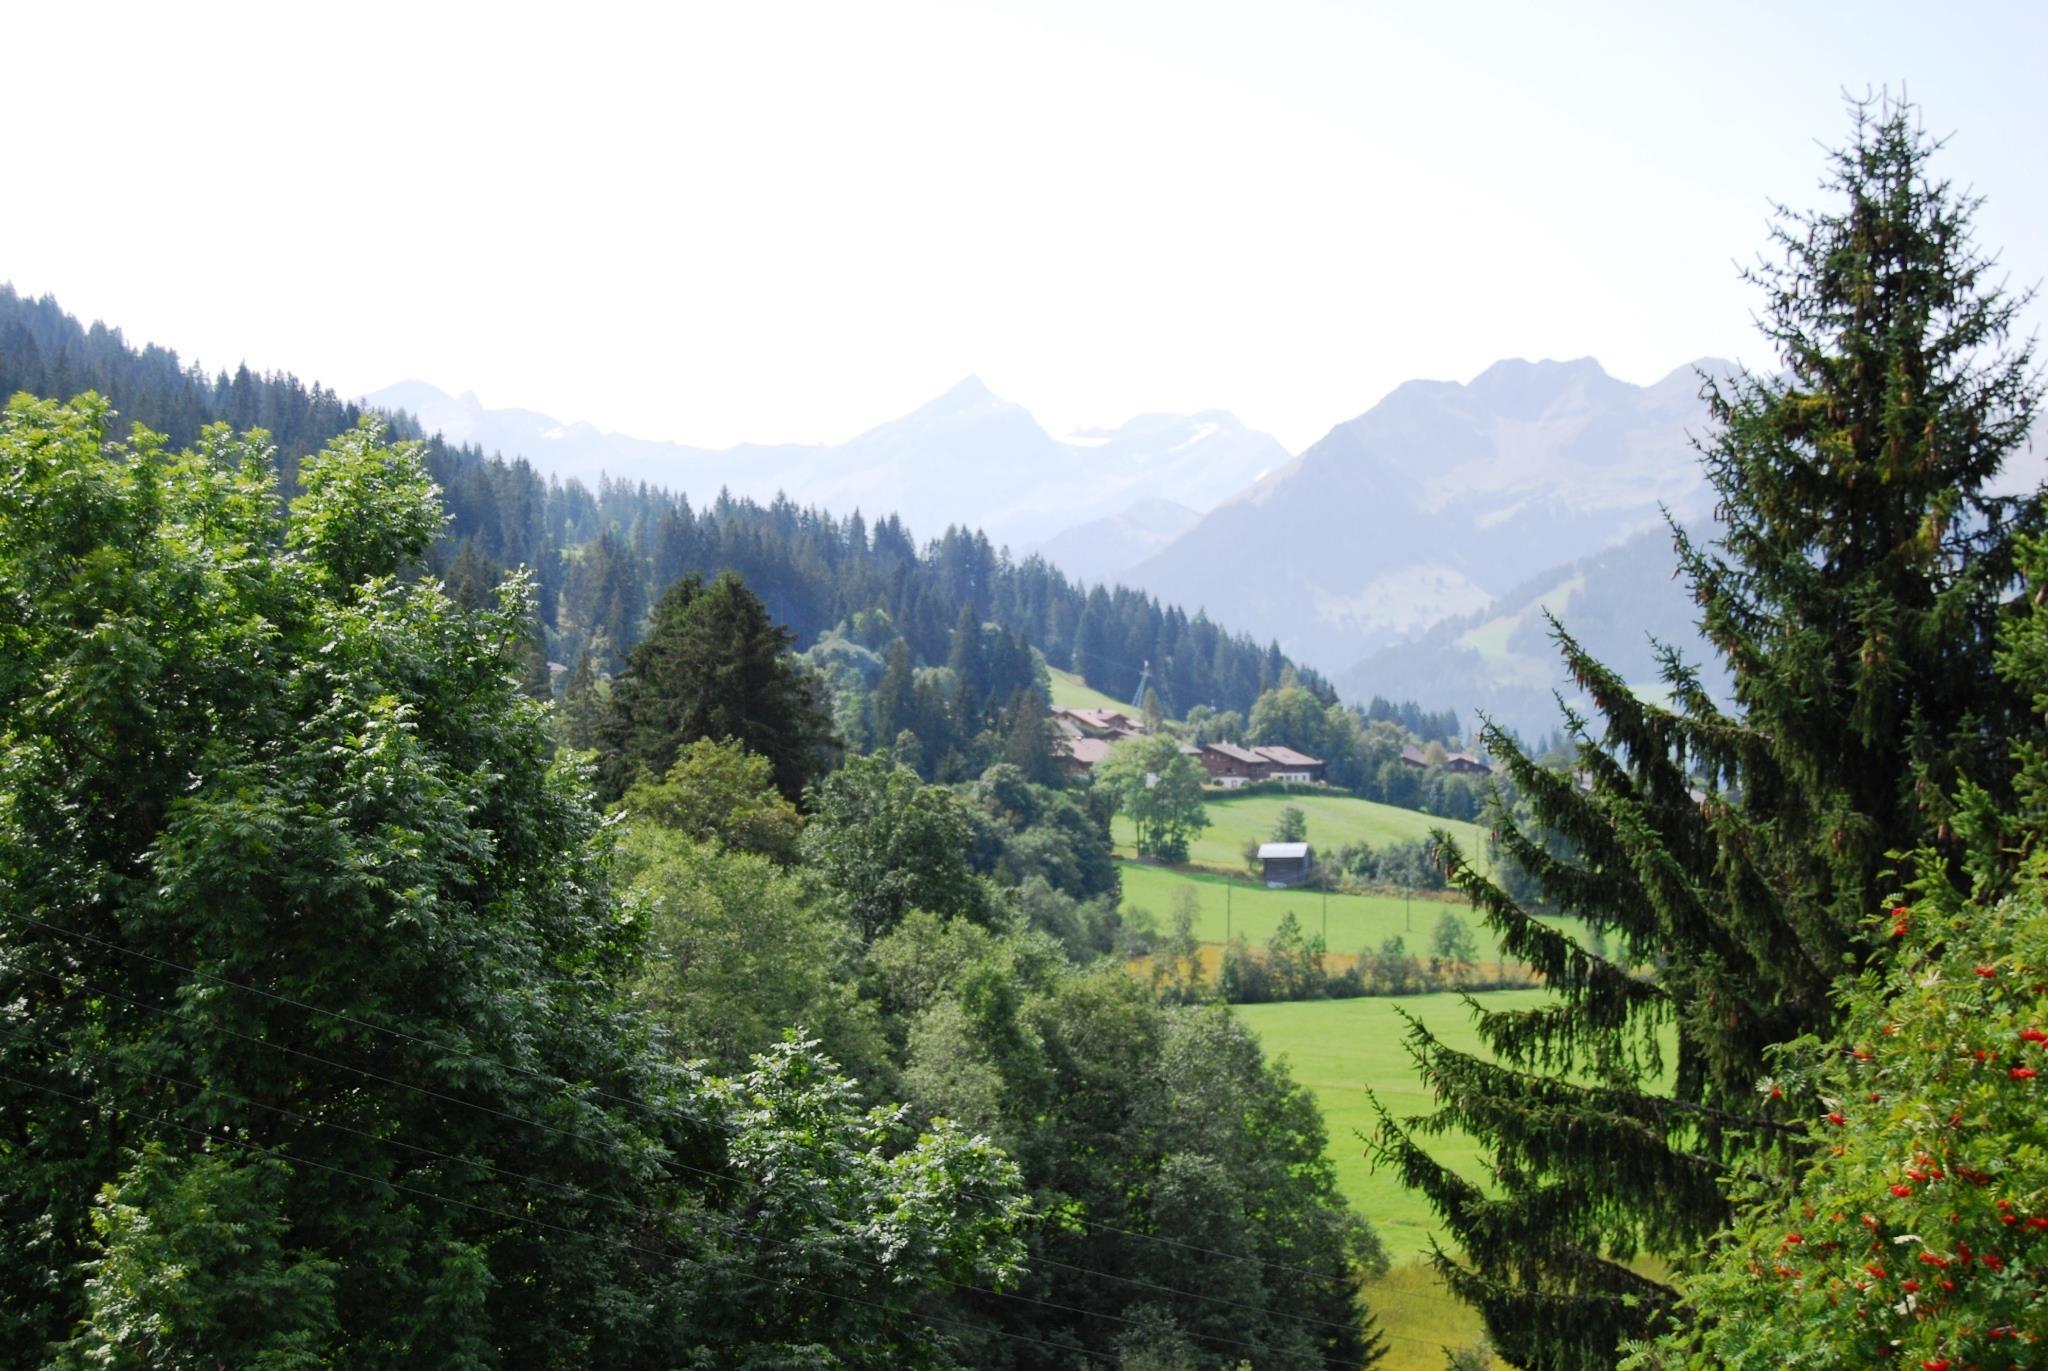 Ferienwohnung Ariel 8-Bettwohnung (591703), Saanenmöser, Gstaad - Saanen, Berner Oberland, Schweiz, Bild 6